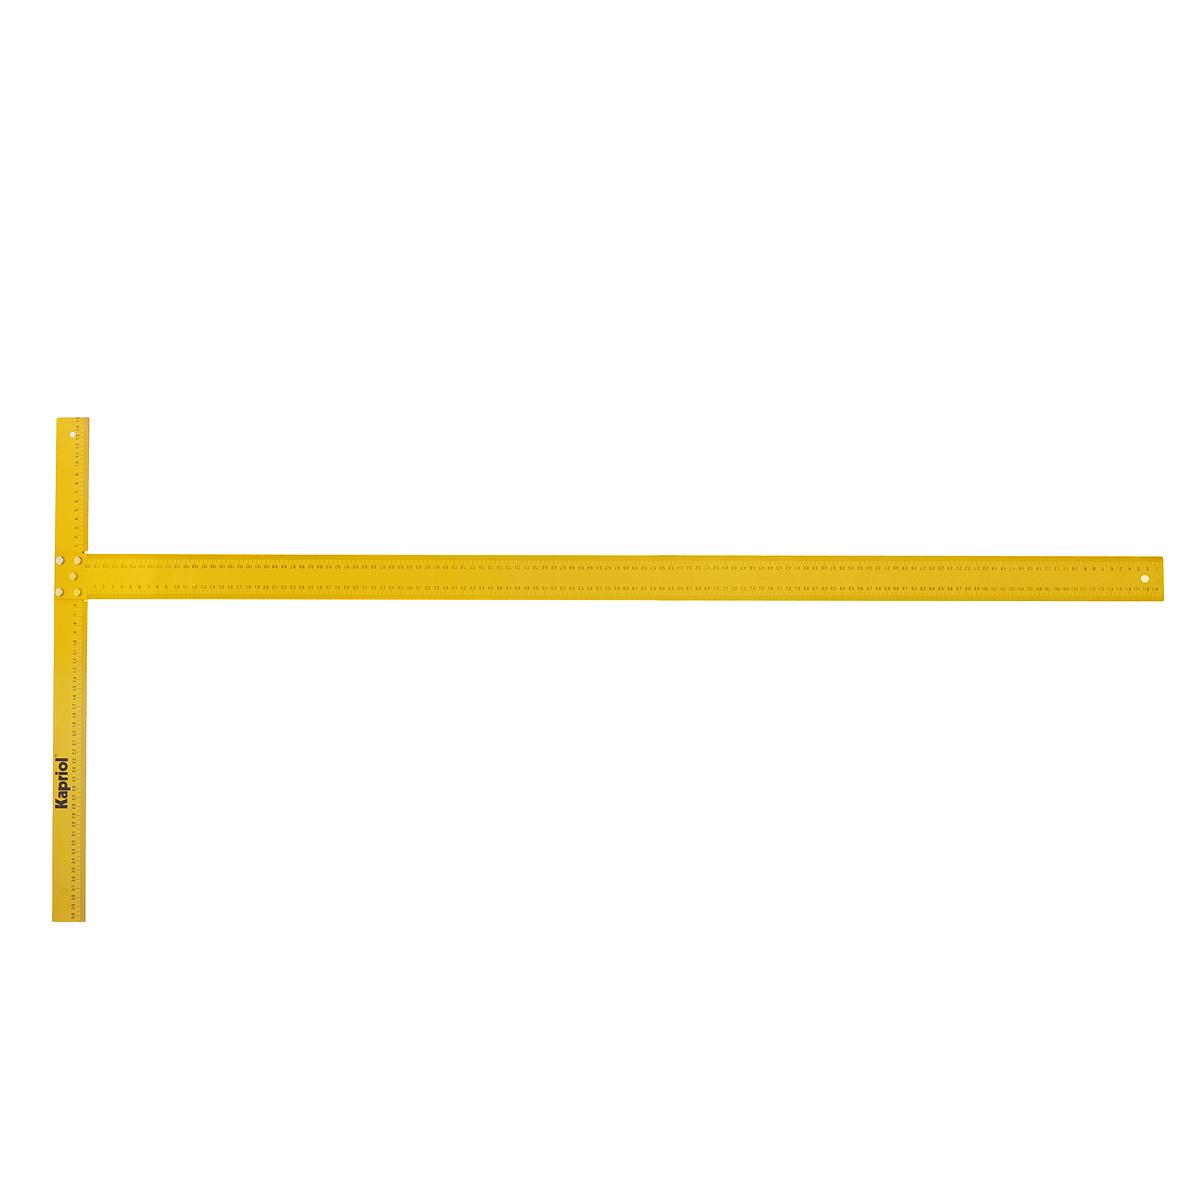 Угольник Т-образный Kapriol, алюминиевый, 120 см24Угольник измерительный Kapriol, изготовленный из высококачественного алюминия, станет незаменимым предметом для столярных работ. Предназначен для разметки и проверки взаимной перпендикулярности поверхностей. На инструменте расположена таблица перевода величин.